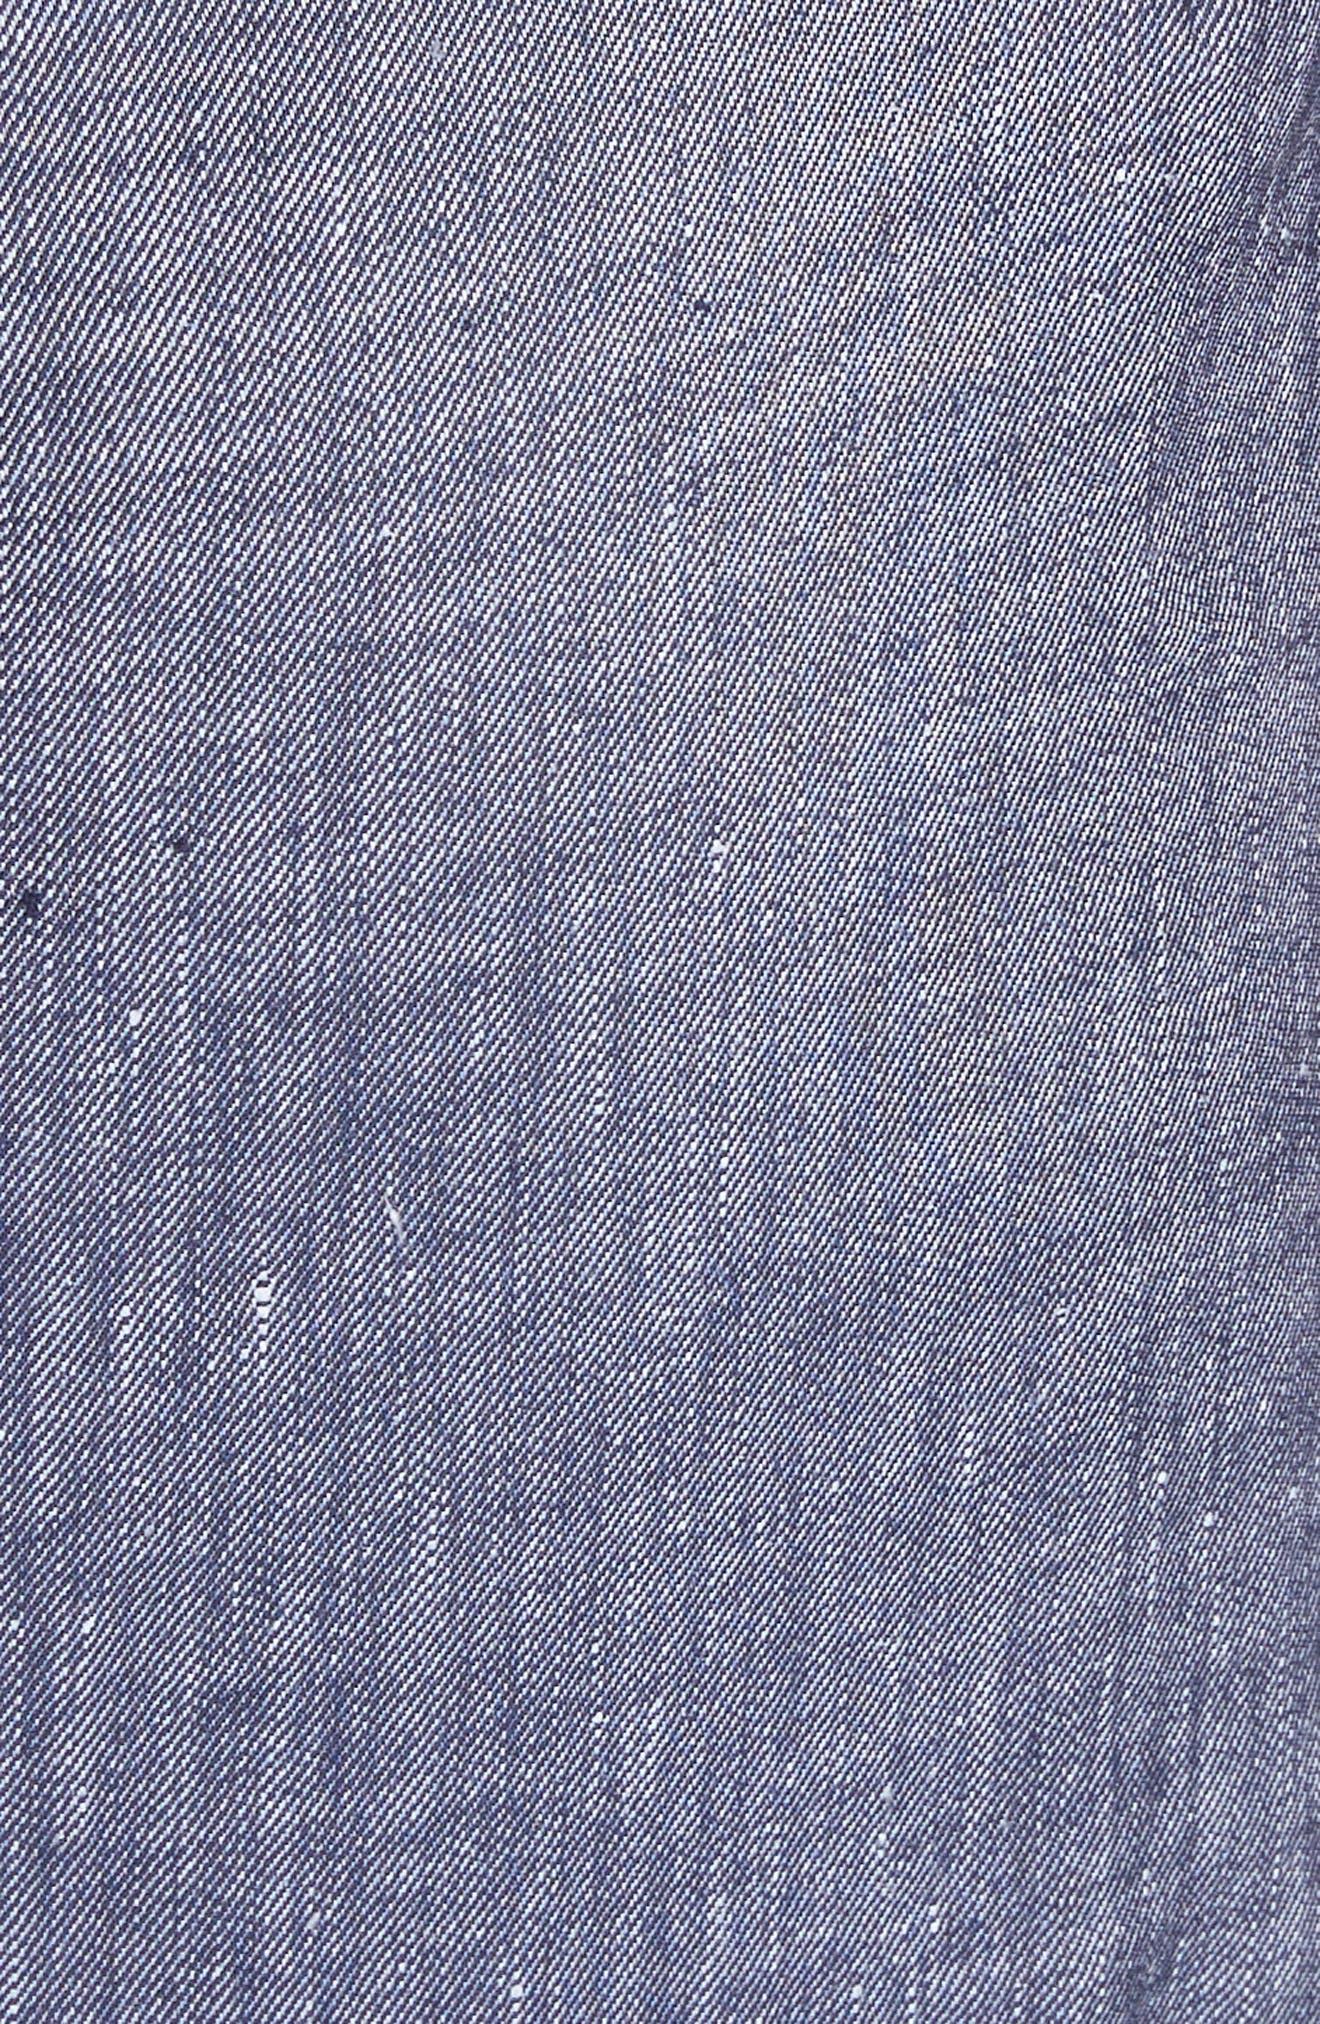 Apron Ruffle Midi Dress,                             Alternate thumbnail 5, color,                             Blue